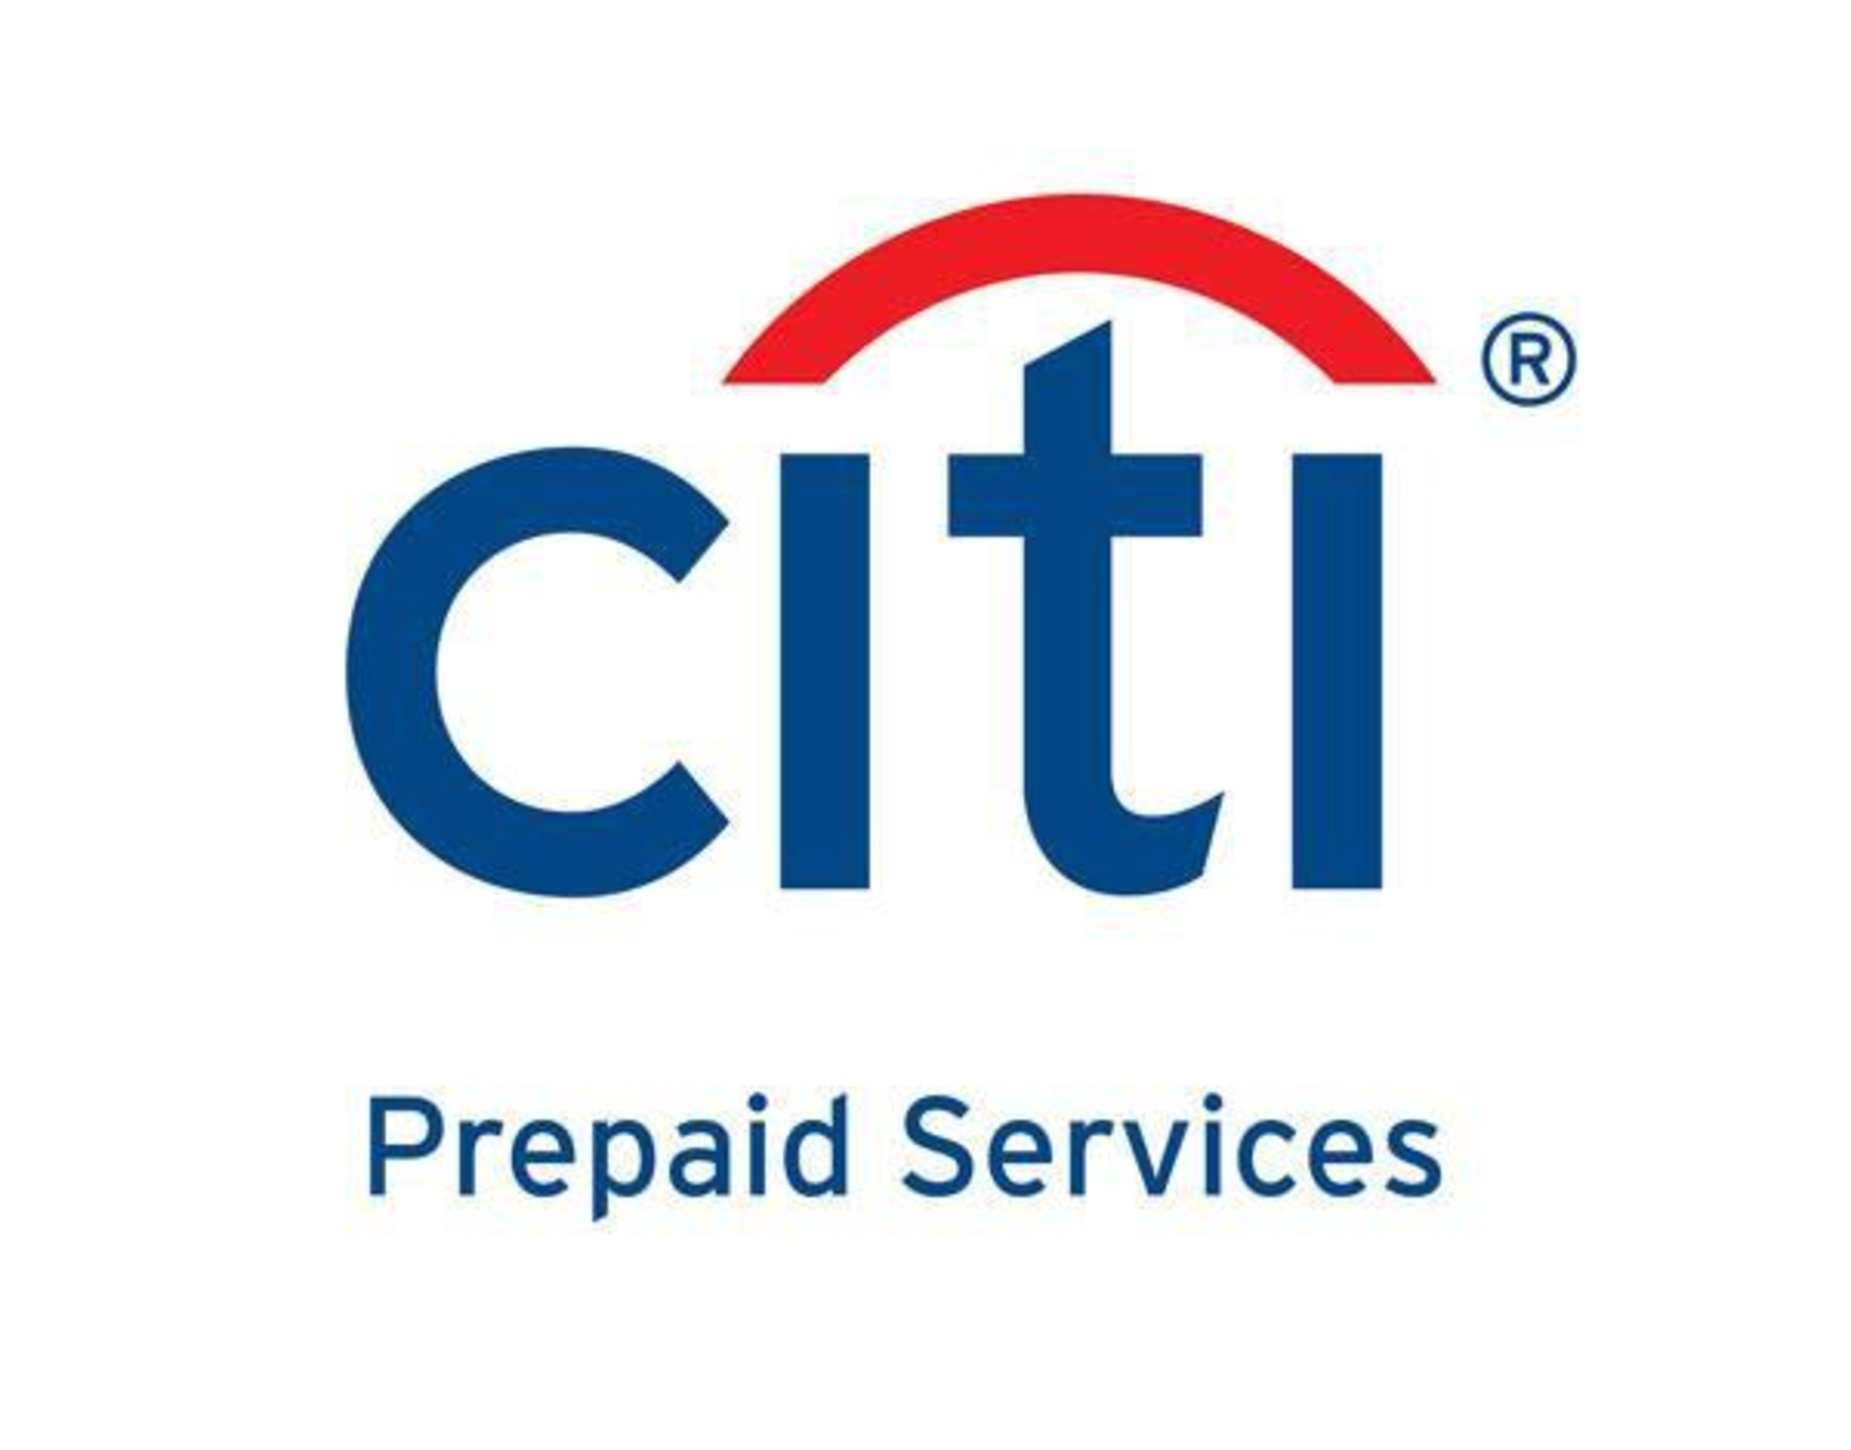 Wirecard übernimmt Citi Prepaid Card Service